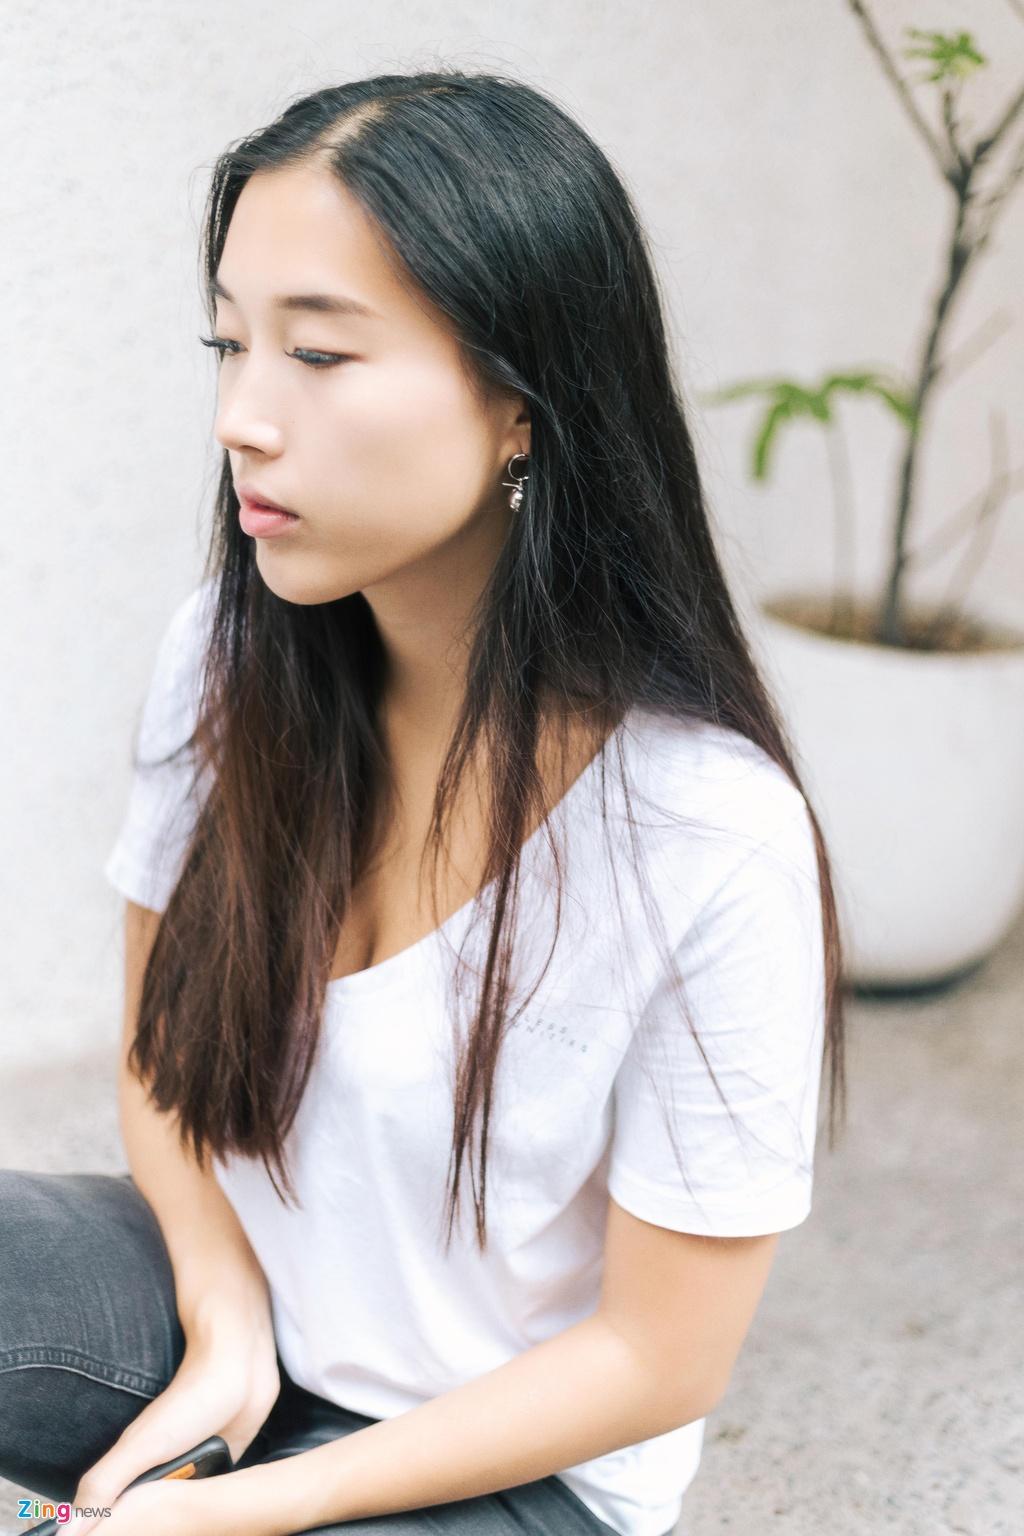 Ban gai Huynh Anh: 'Yeu xa khong kho nhu nguoi ta nghi' hinh anh 6